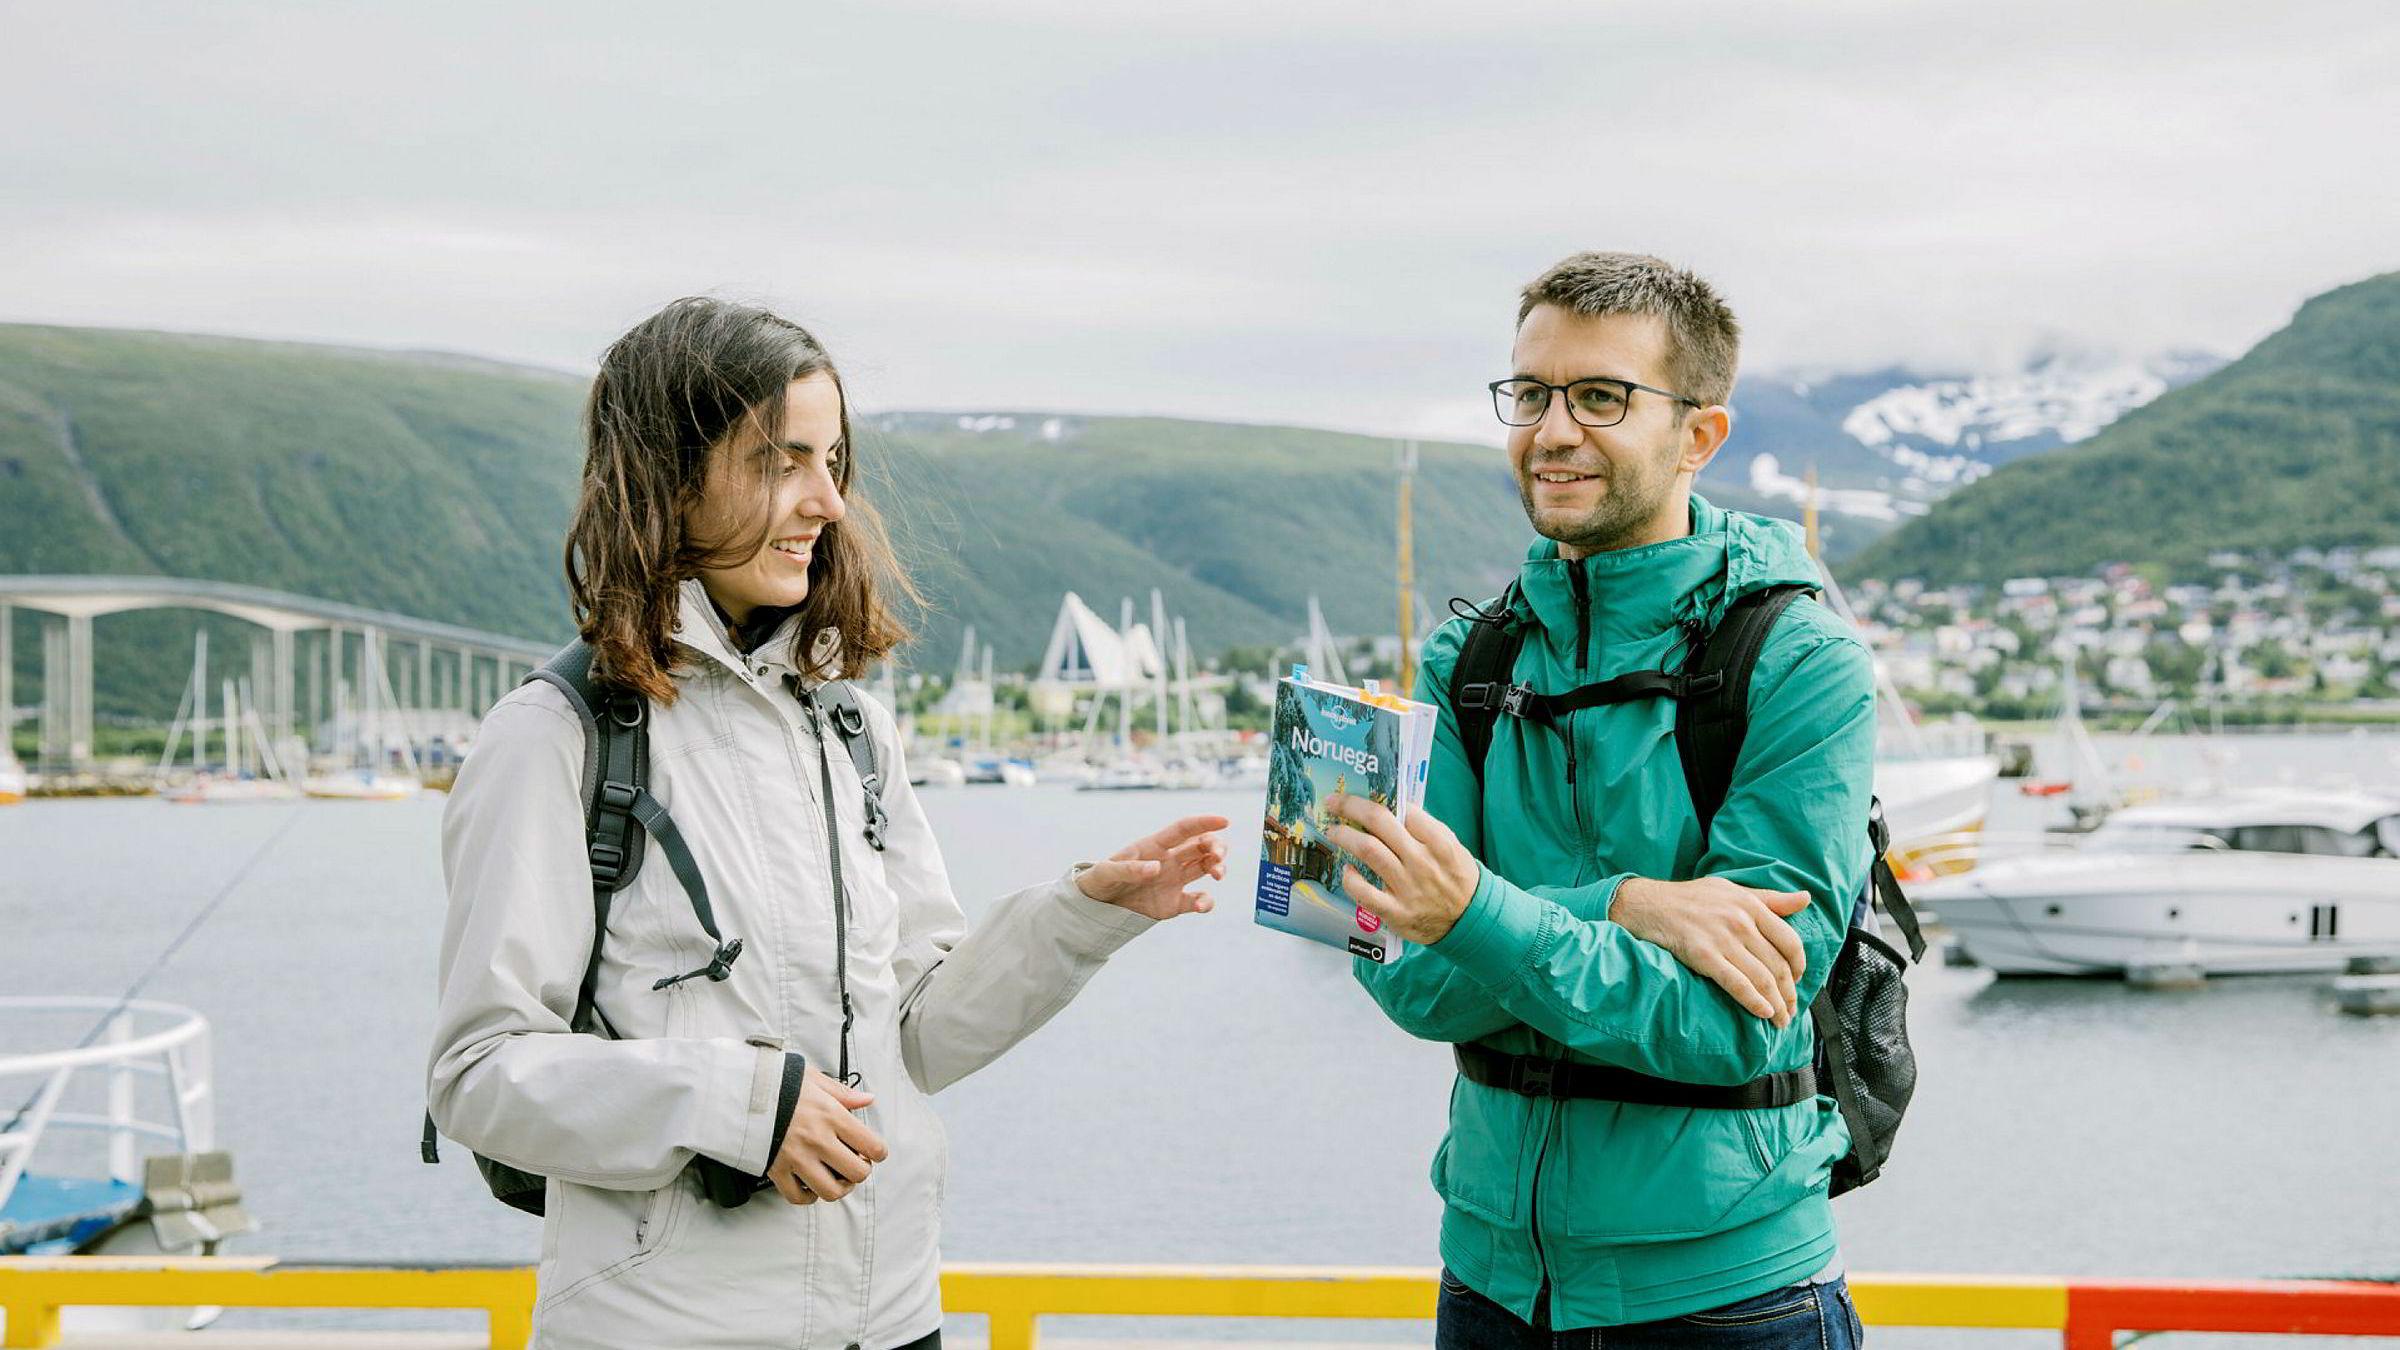 Sara Jiménez Juliá og Joan Toni Puigserver Rosselló fra Mallorca skal feriere en uke i Nord-Norge.